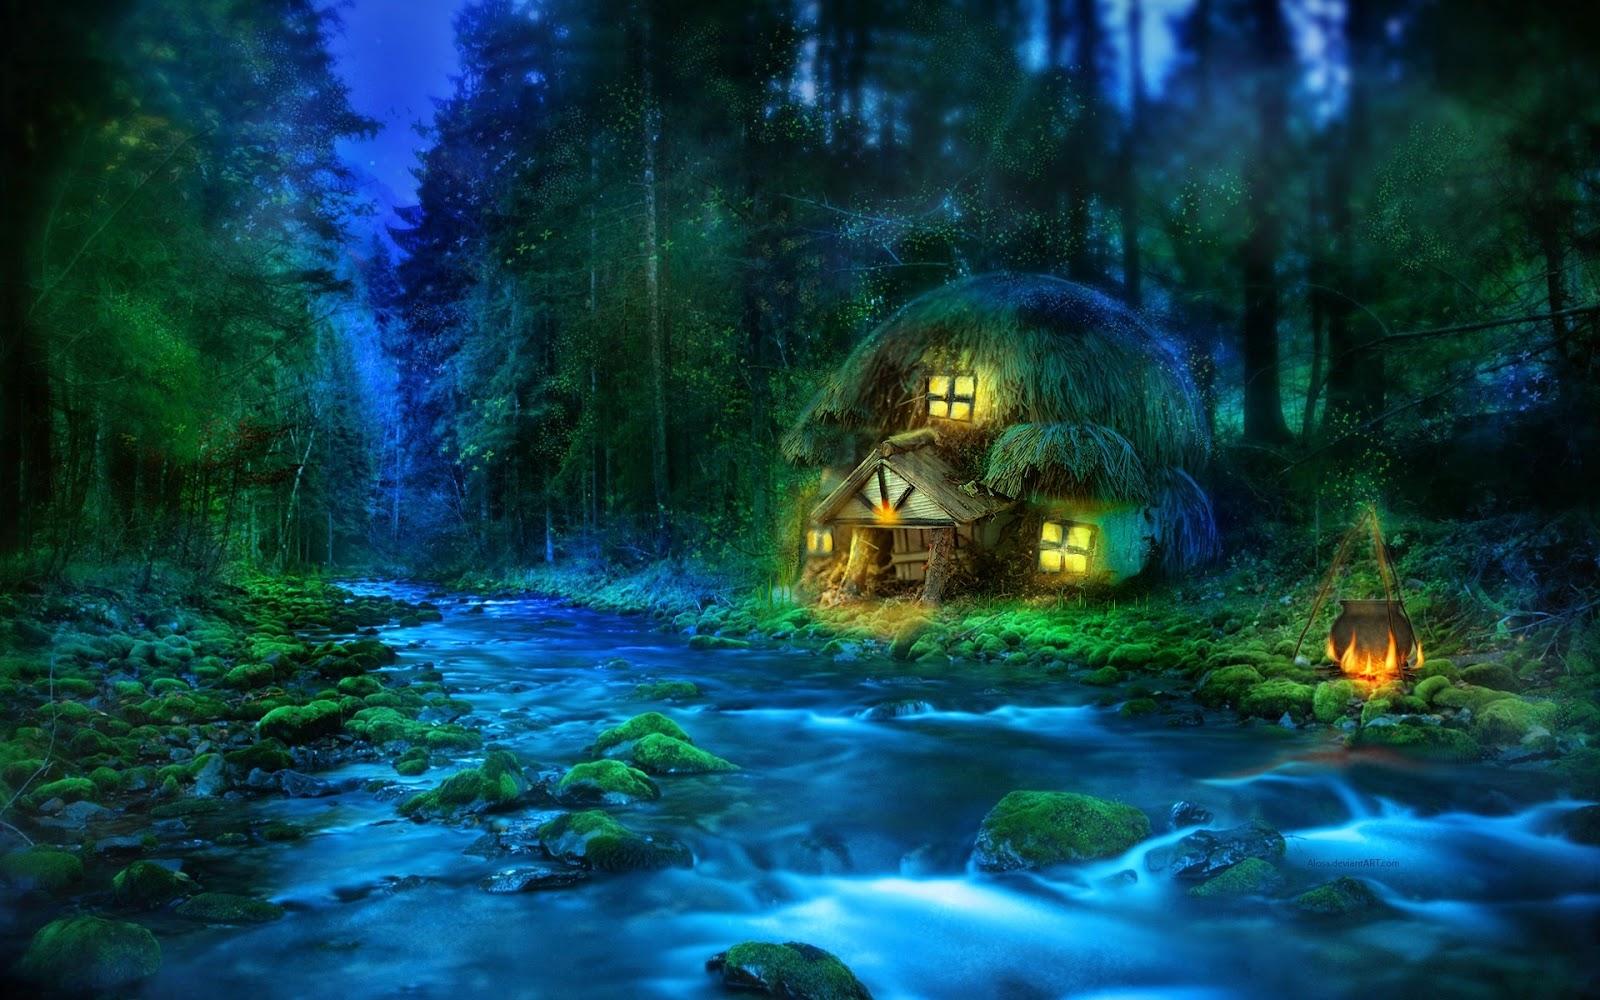 Il rifugio degli elfi paesaggi fantasy for Paesaggi fantasy immagini